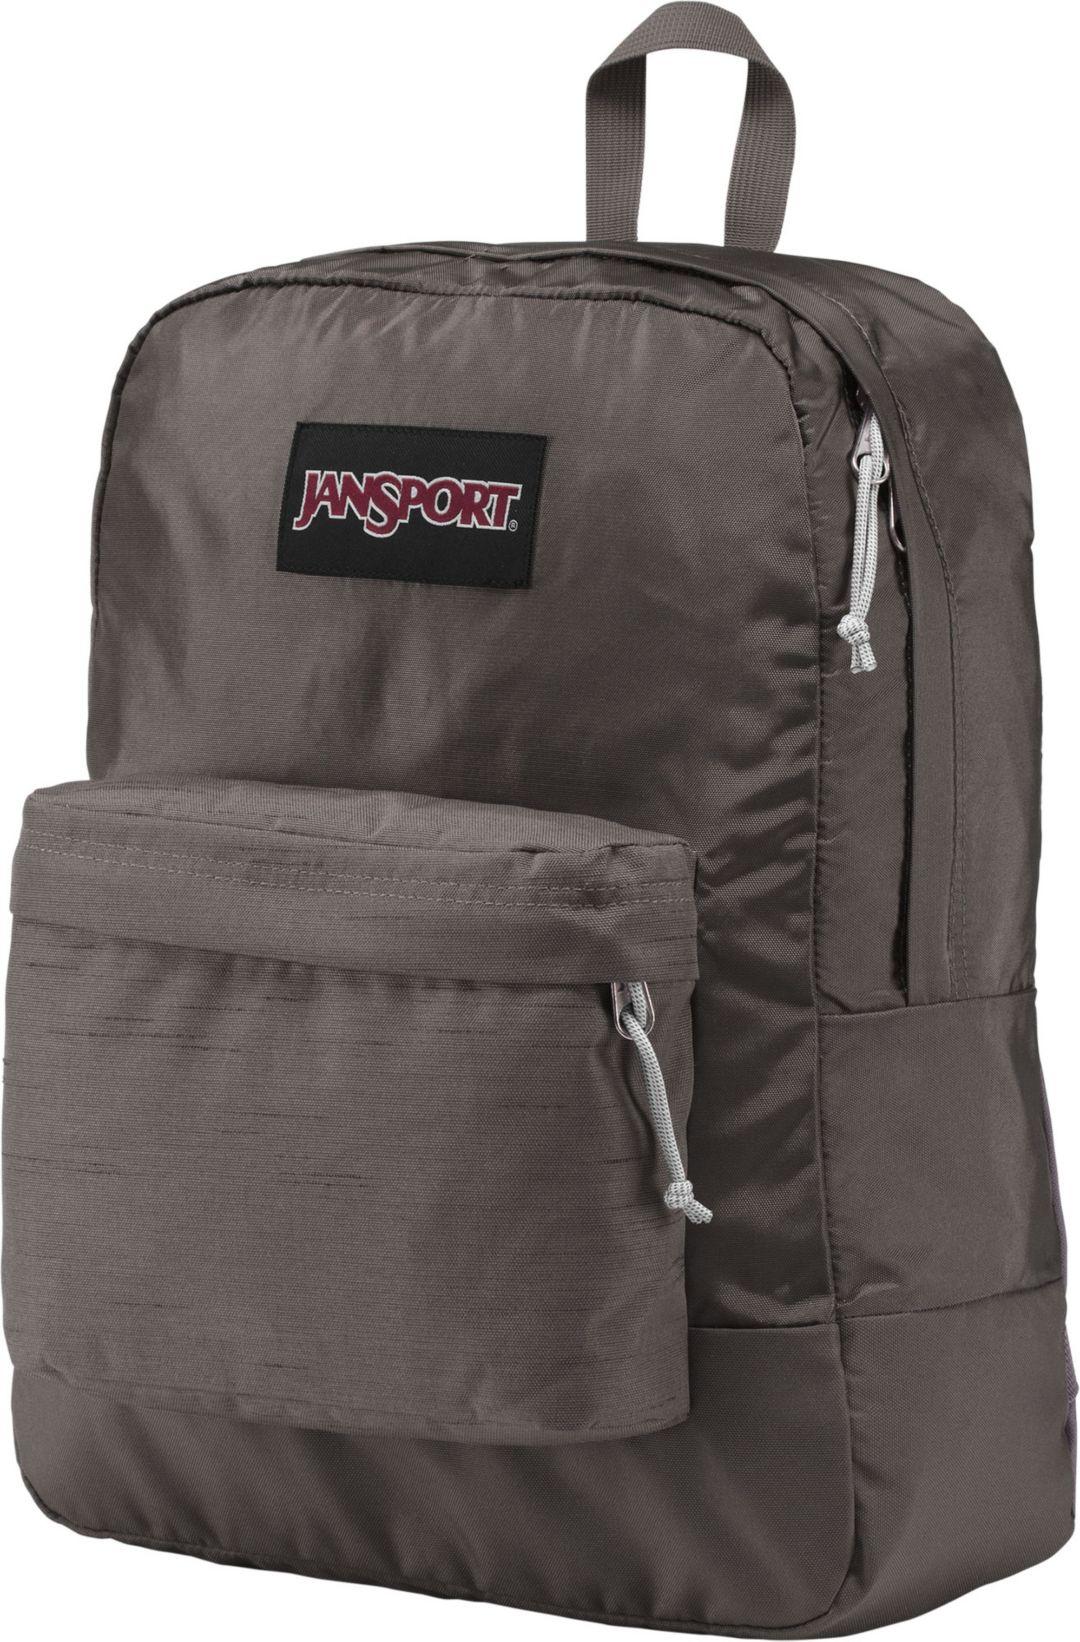 JanSport Black Label Superbreak Backpack | DICK'S Sporting Goods